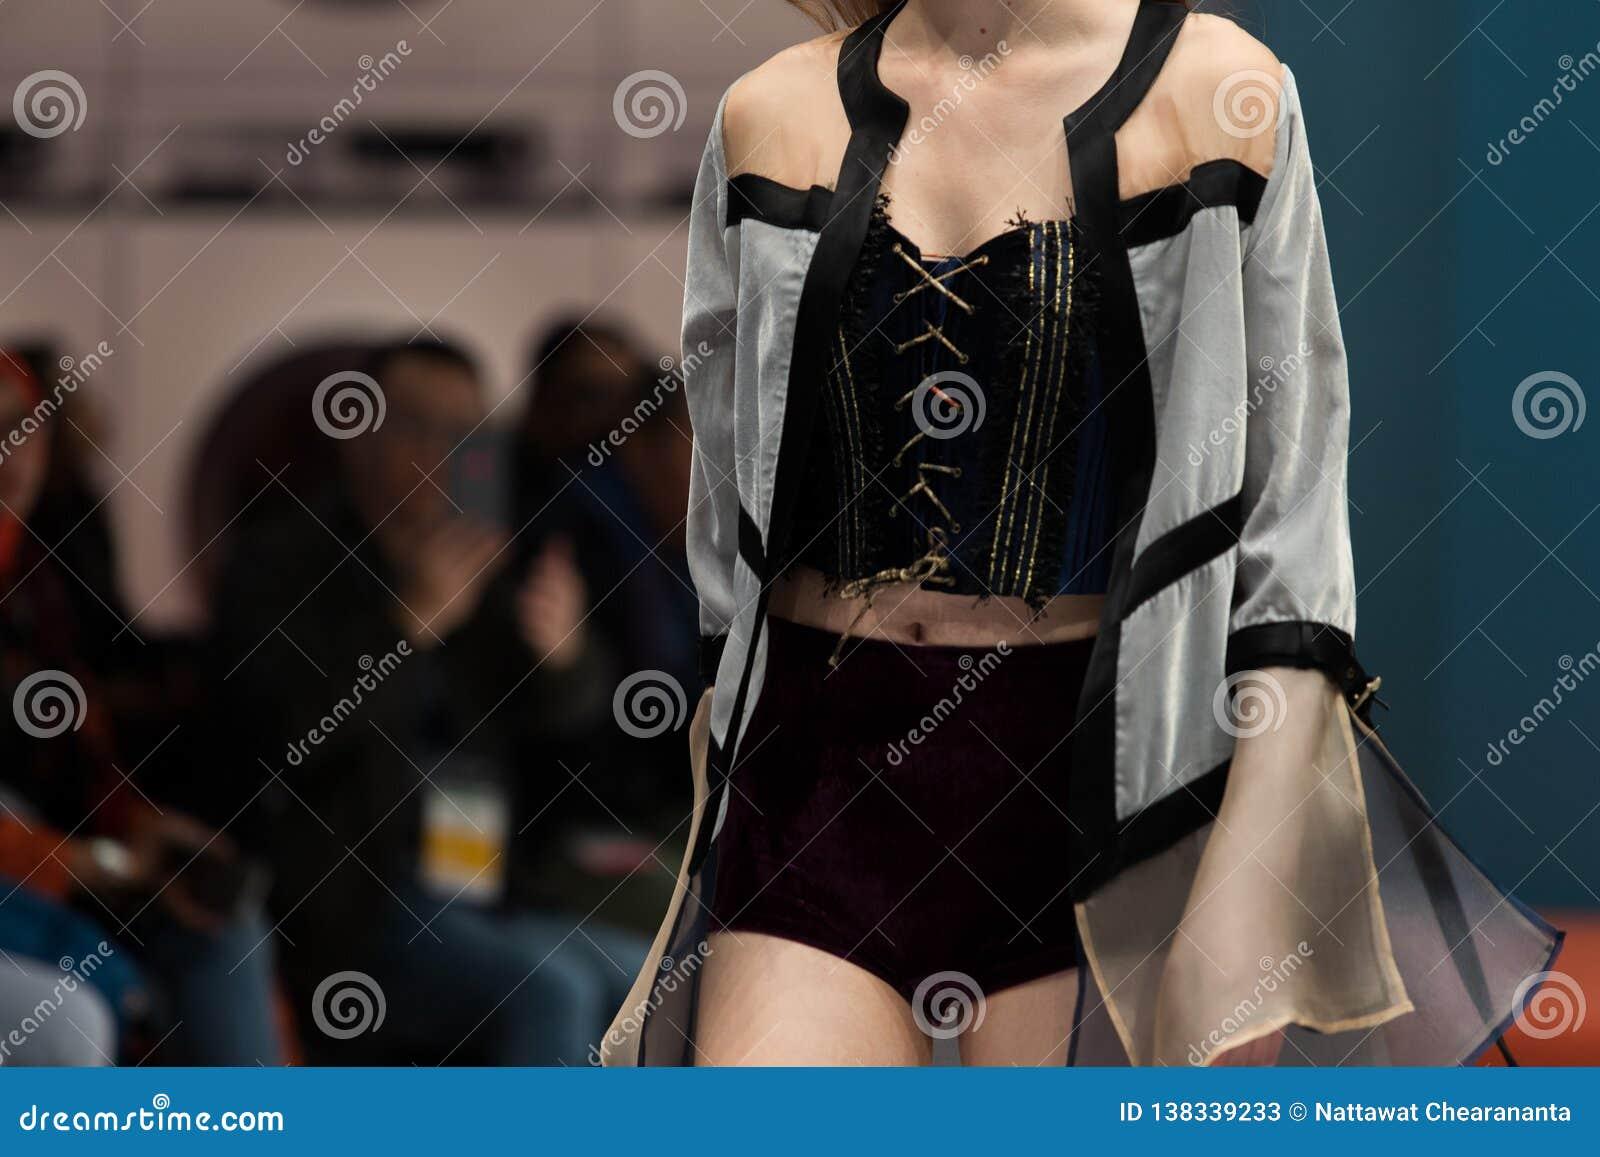 Fashion dress Model walk back dark Runway Fashion